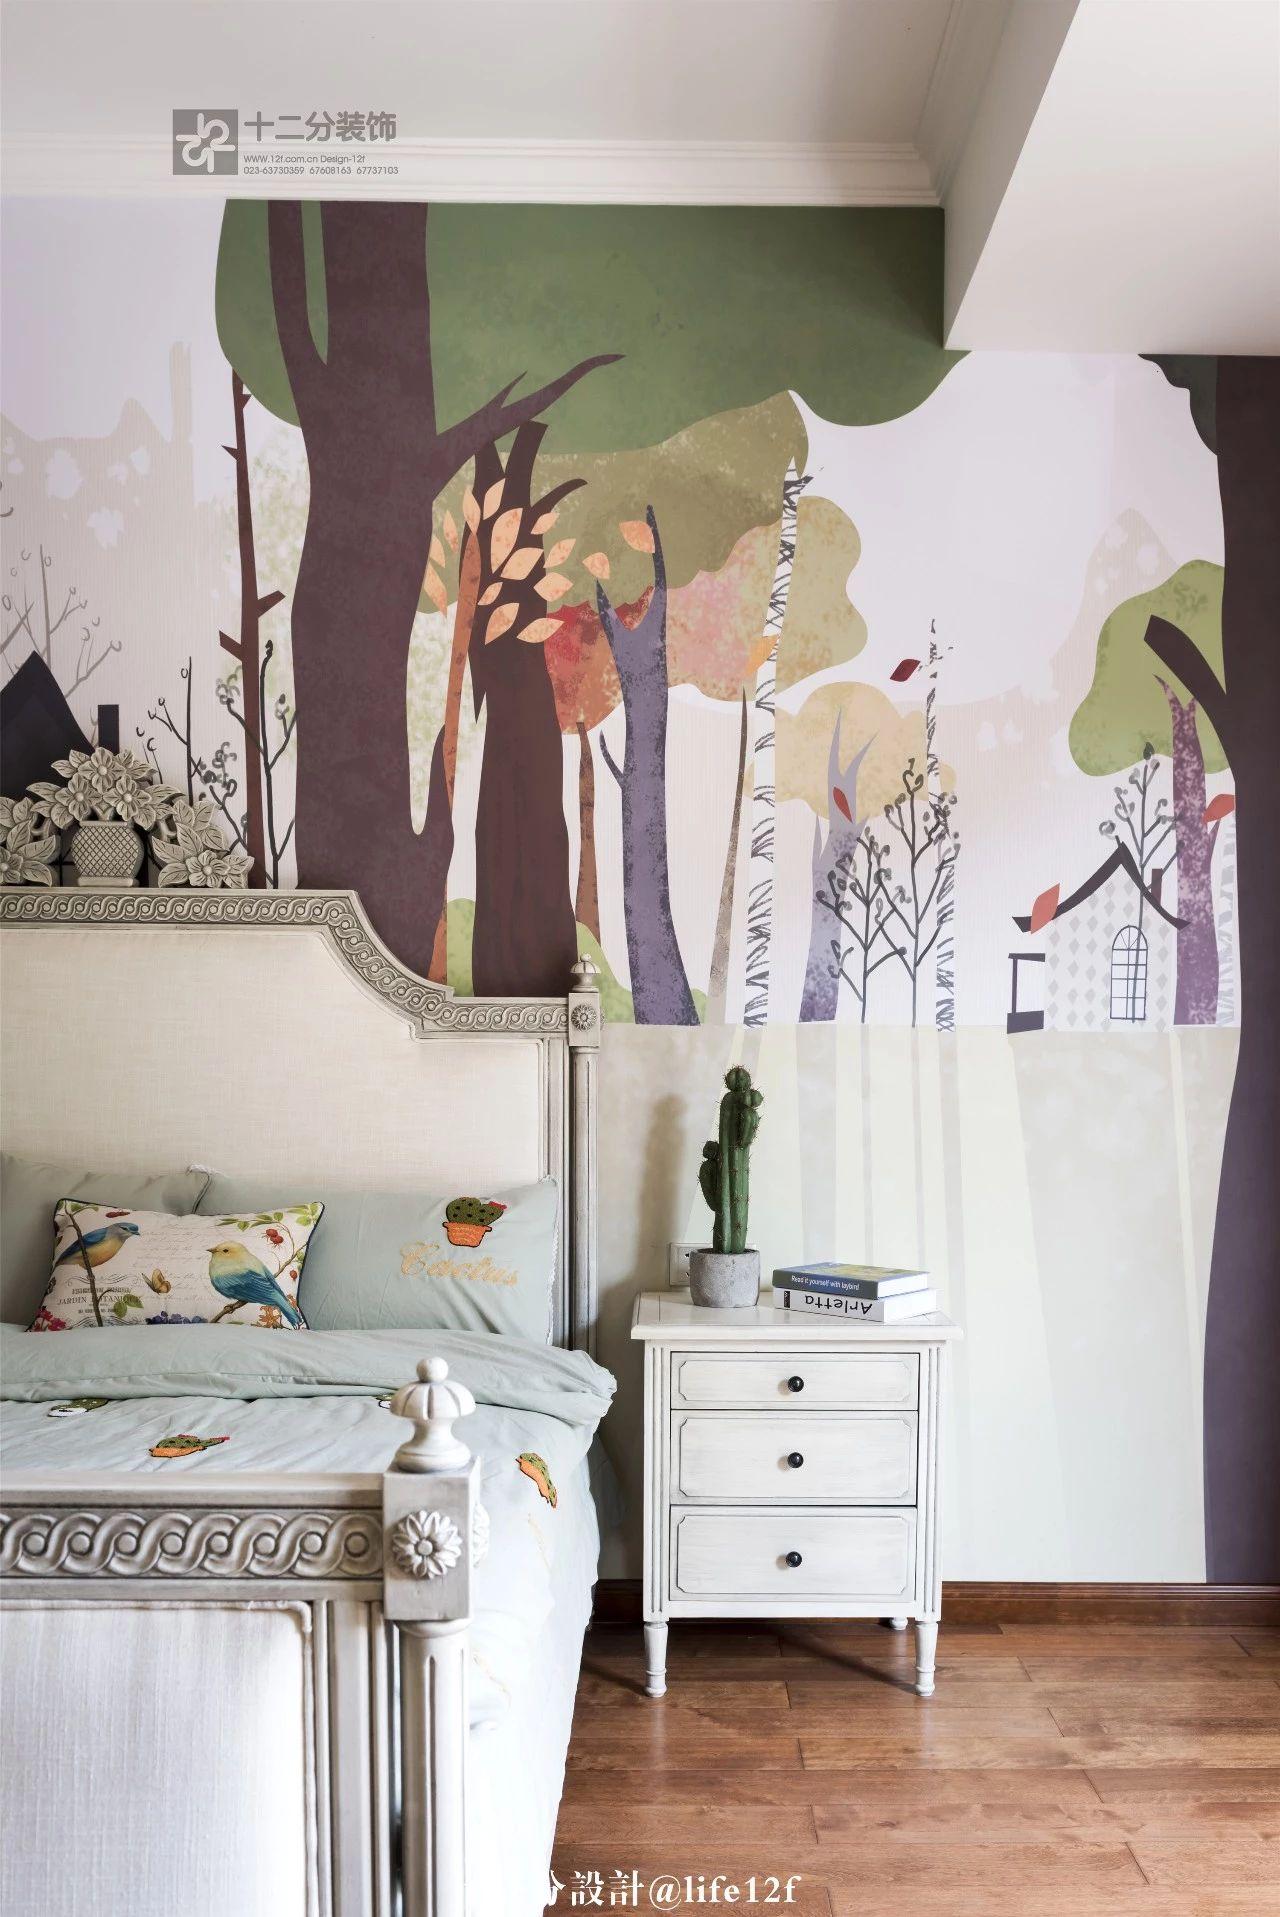 法式乡村风格别墅装修床头柜设计图